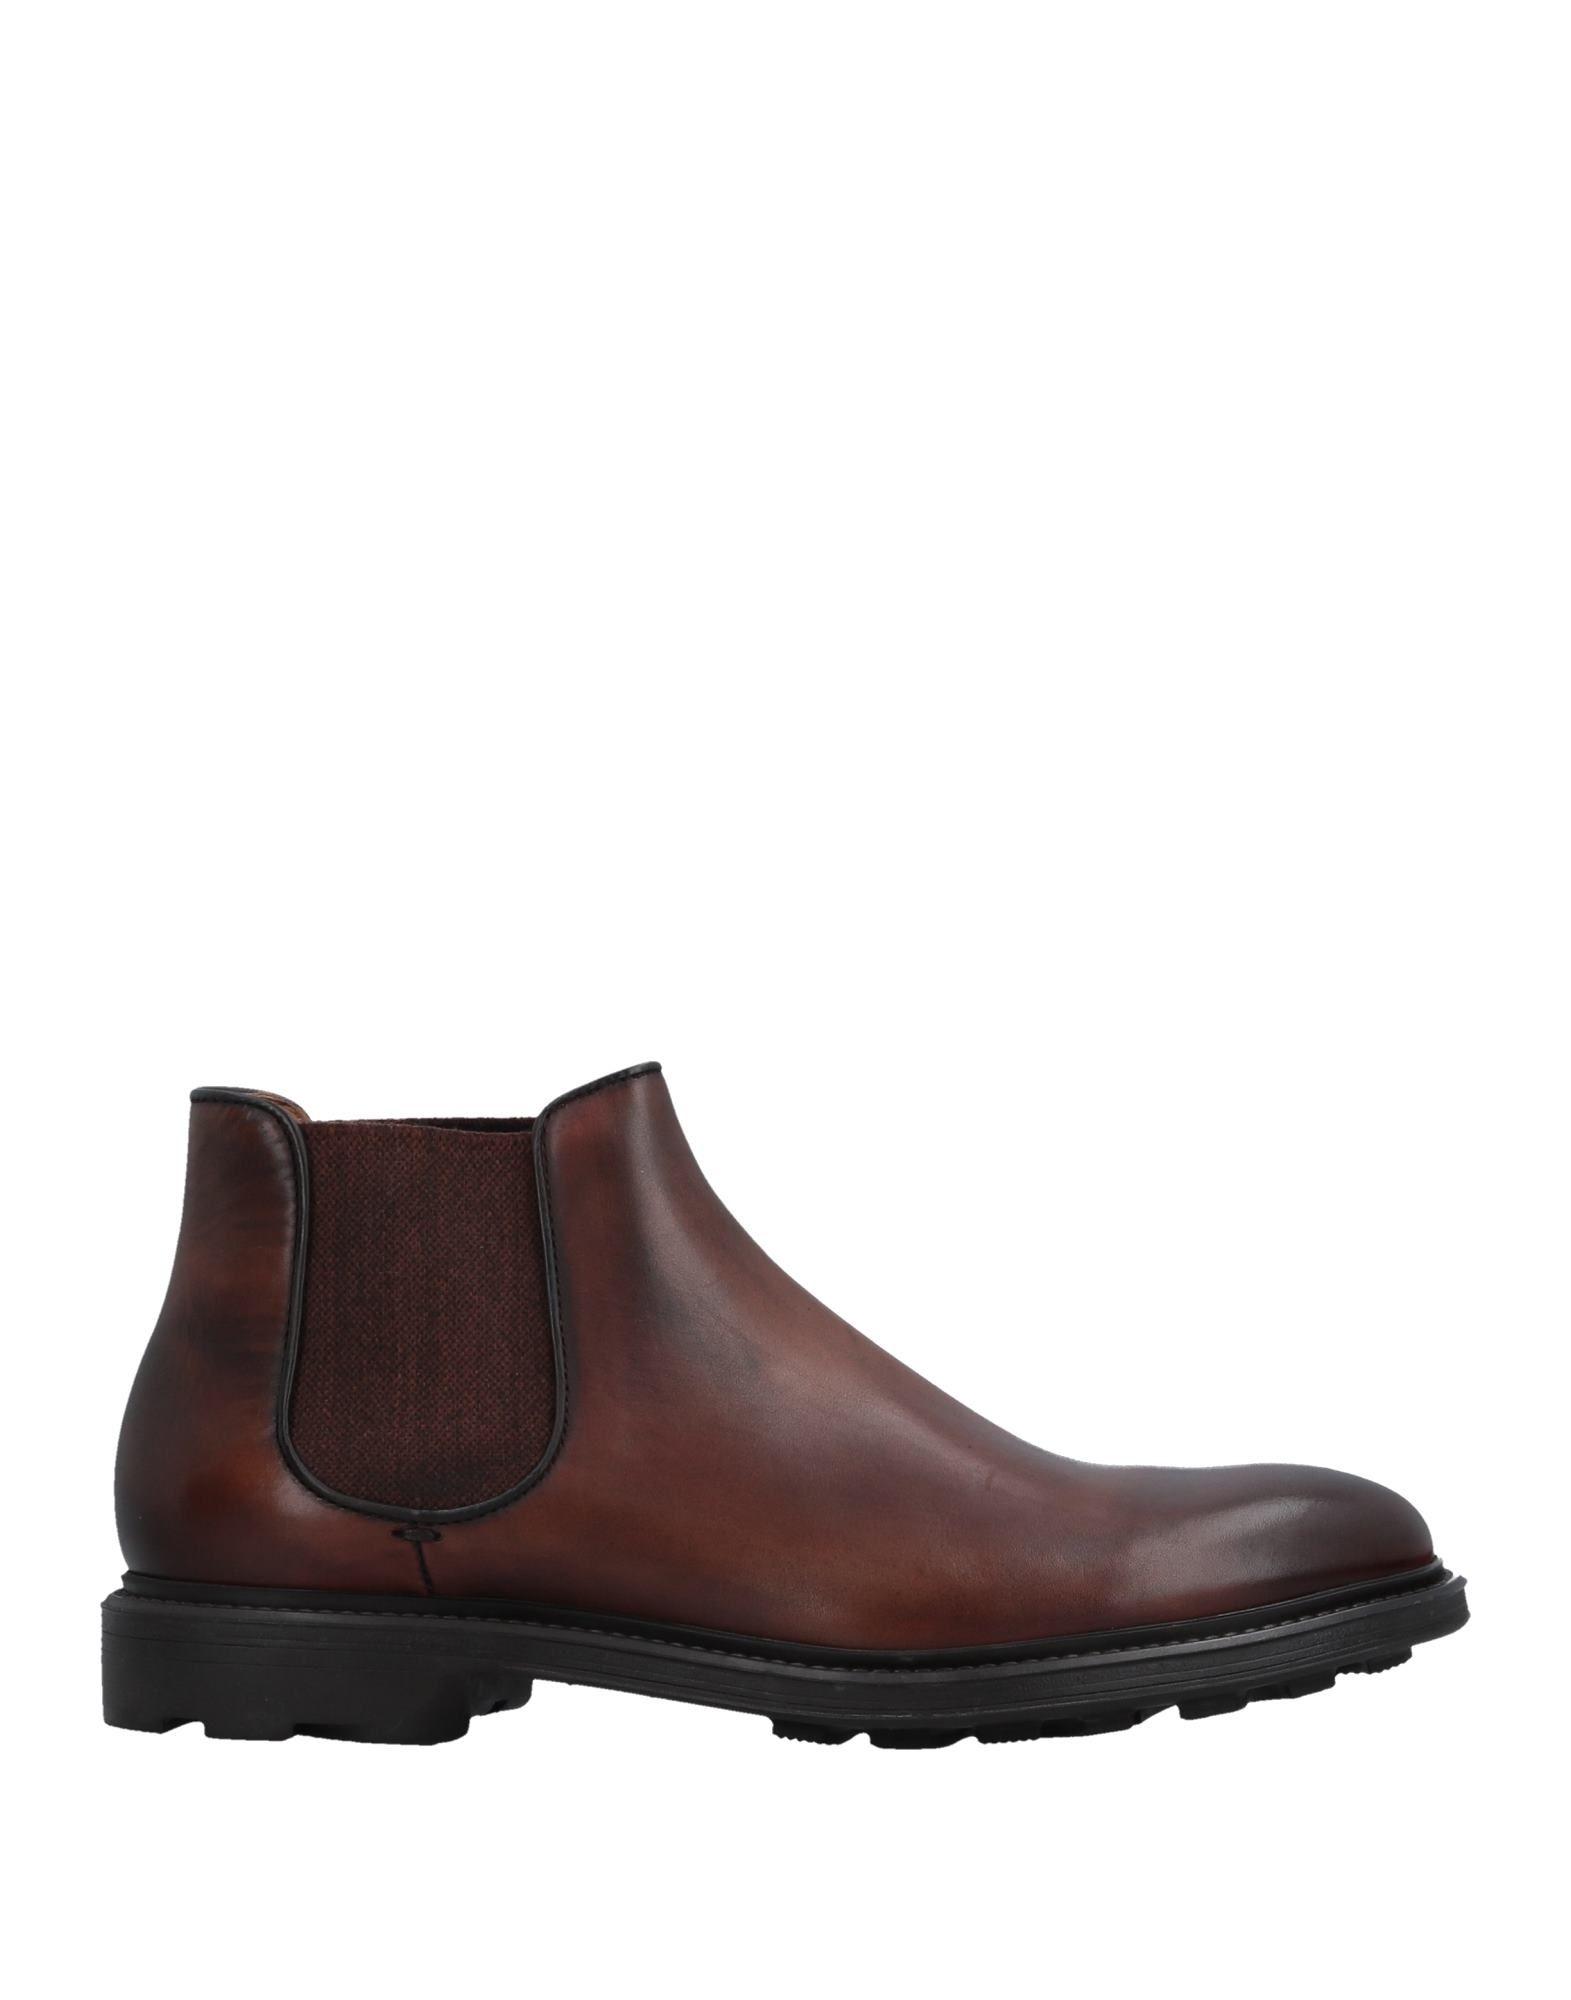 Sneakers Keys Donna - 11430981JF Scarpe economiche e buone